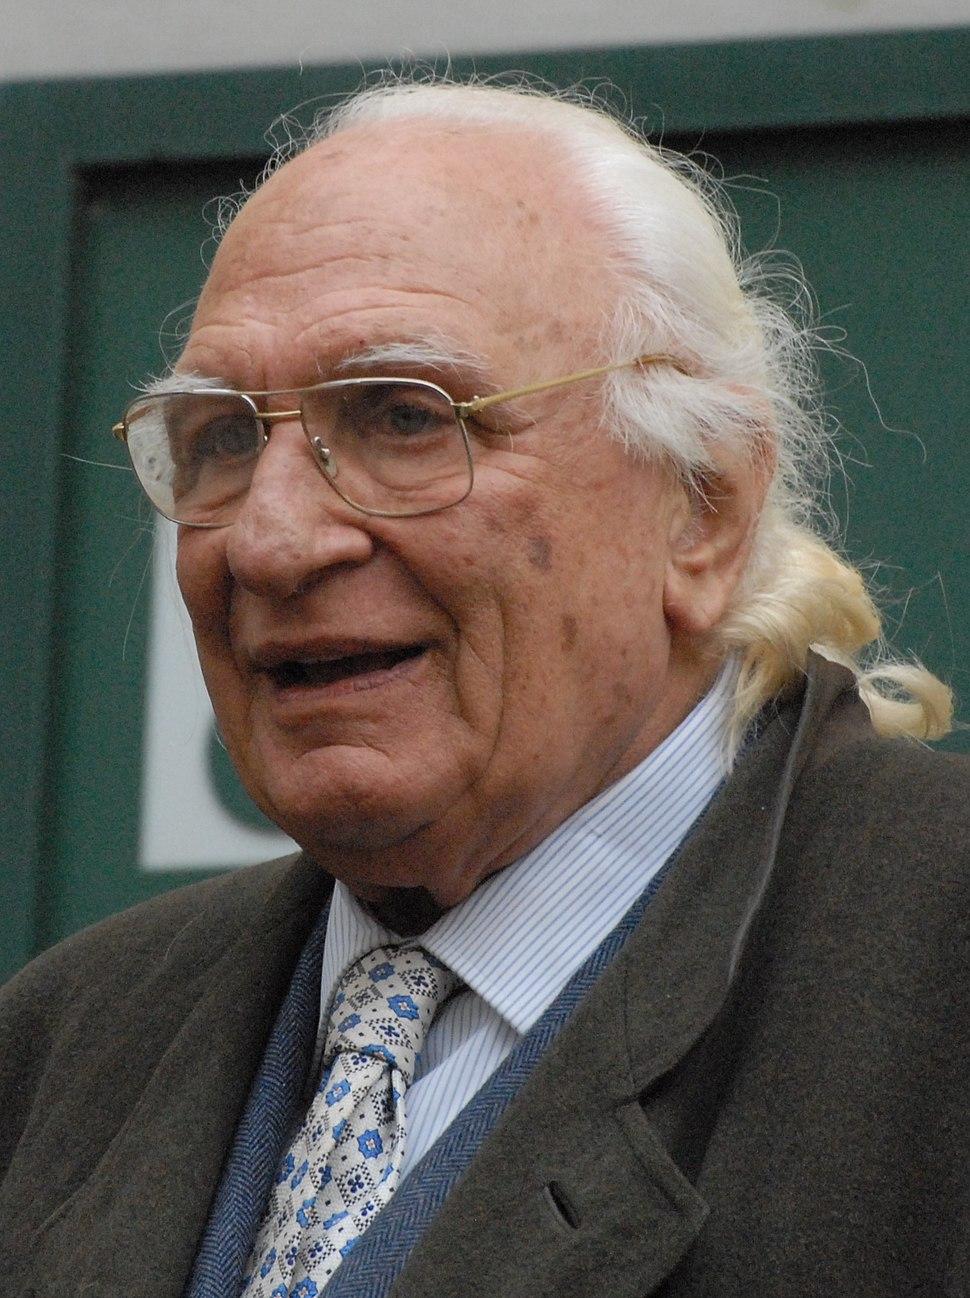 Marco Pannella crop